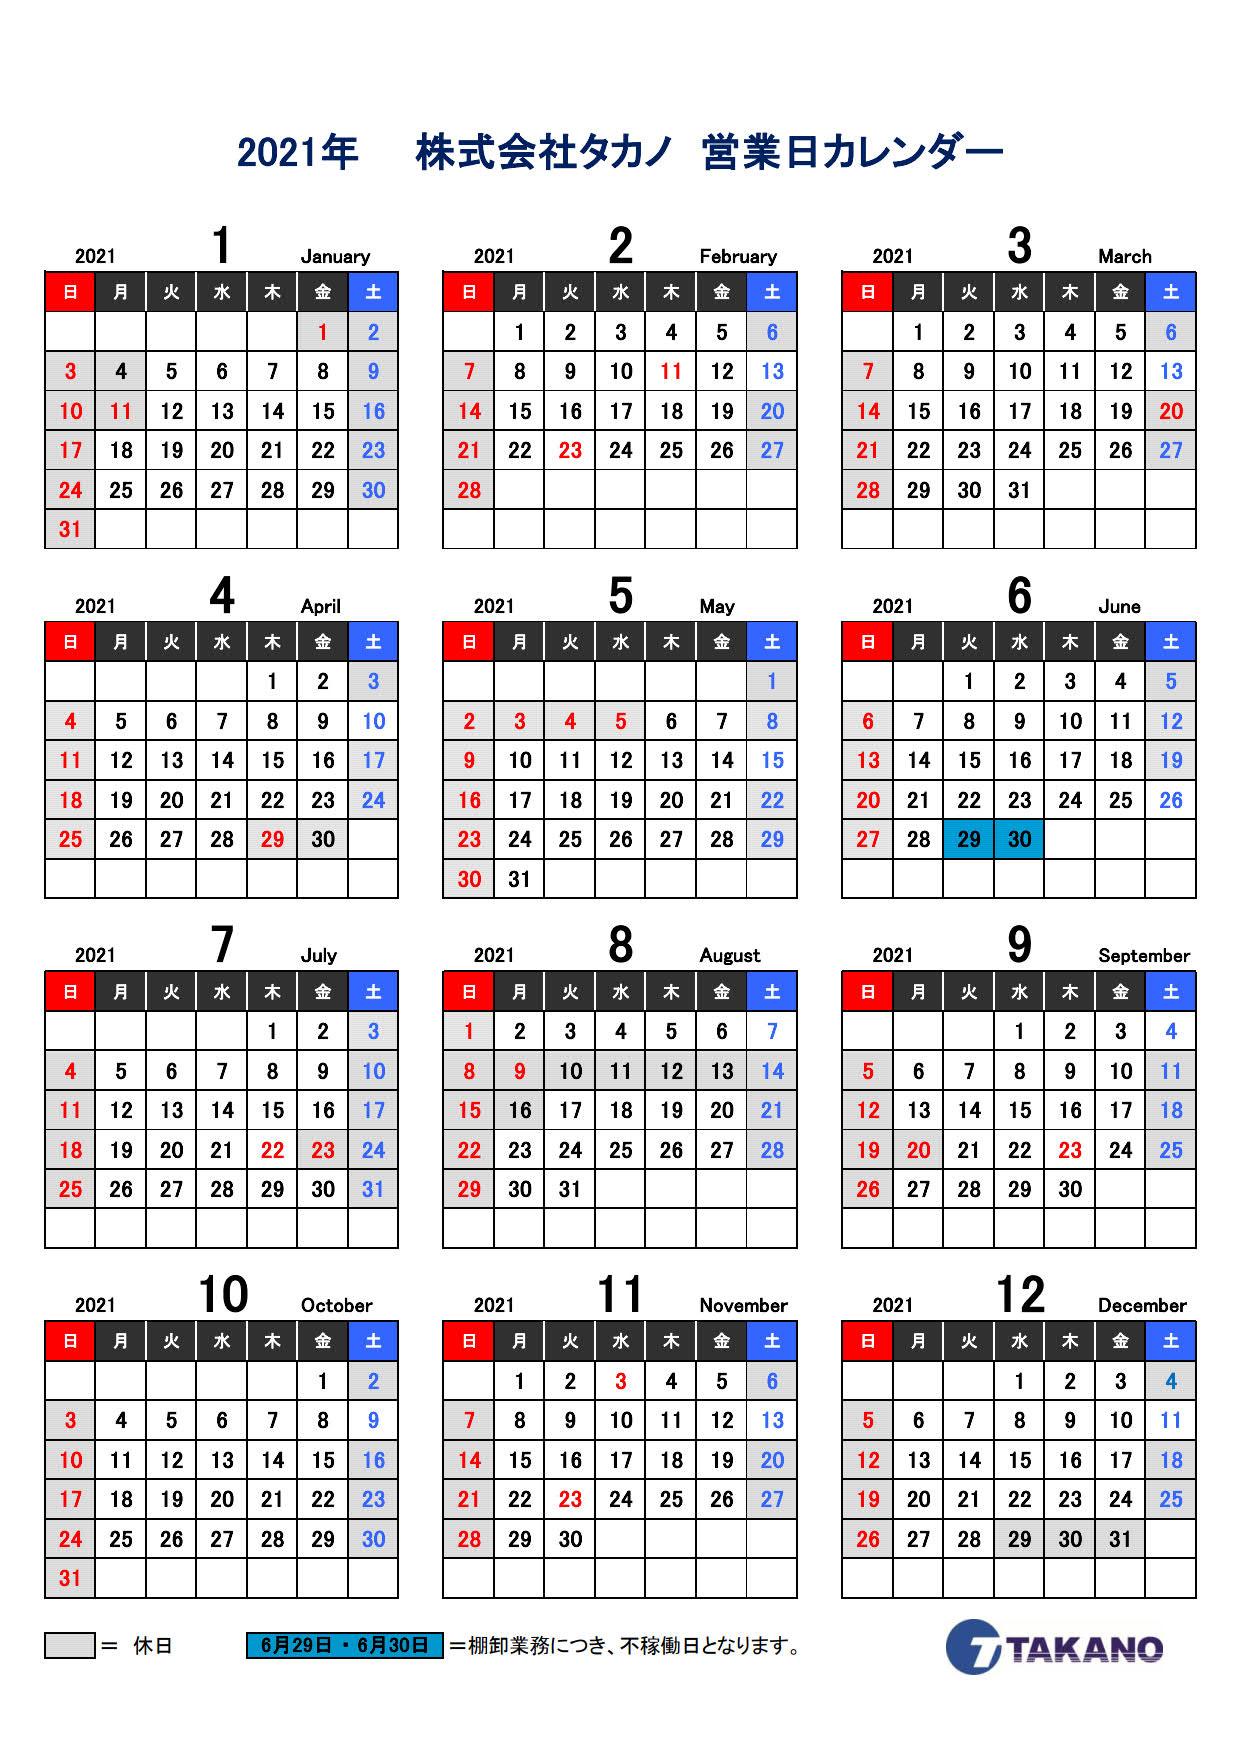 タカノカレンダー2021